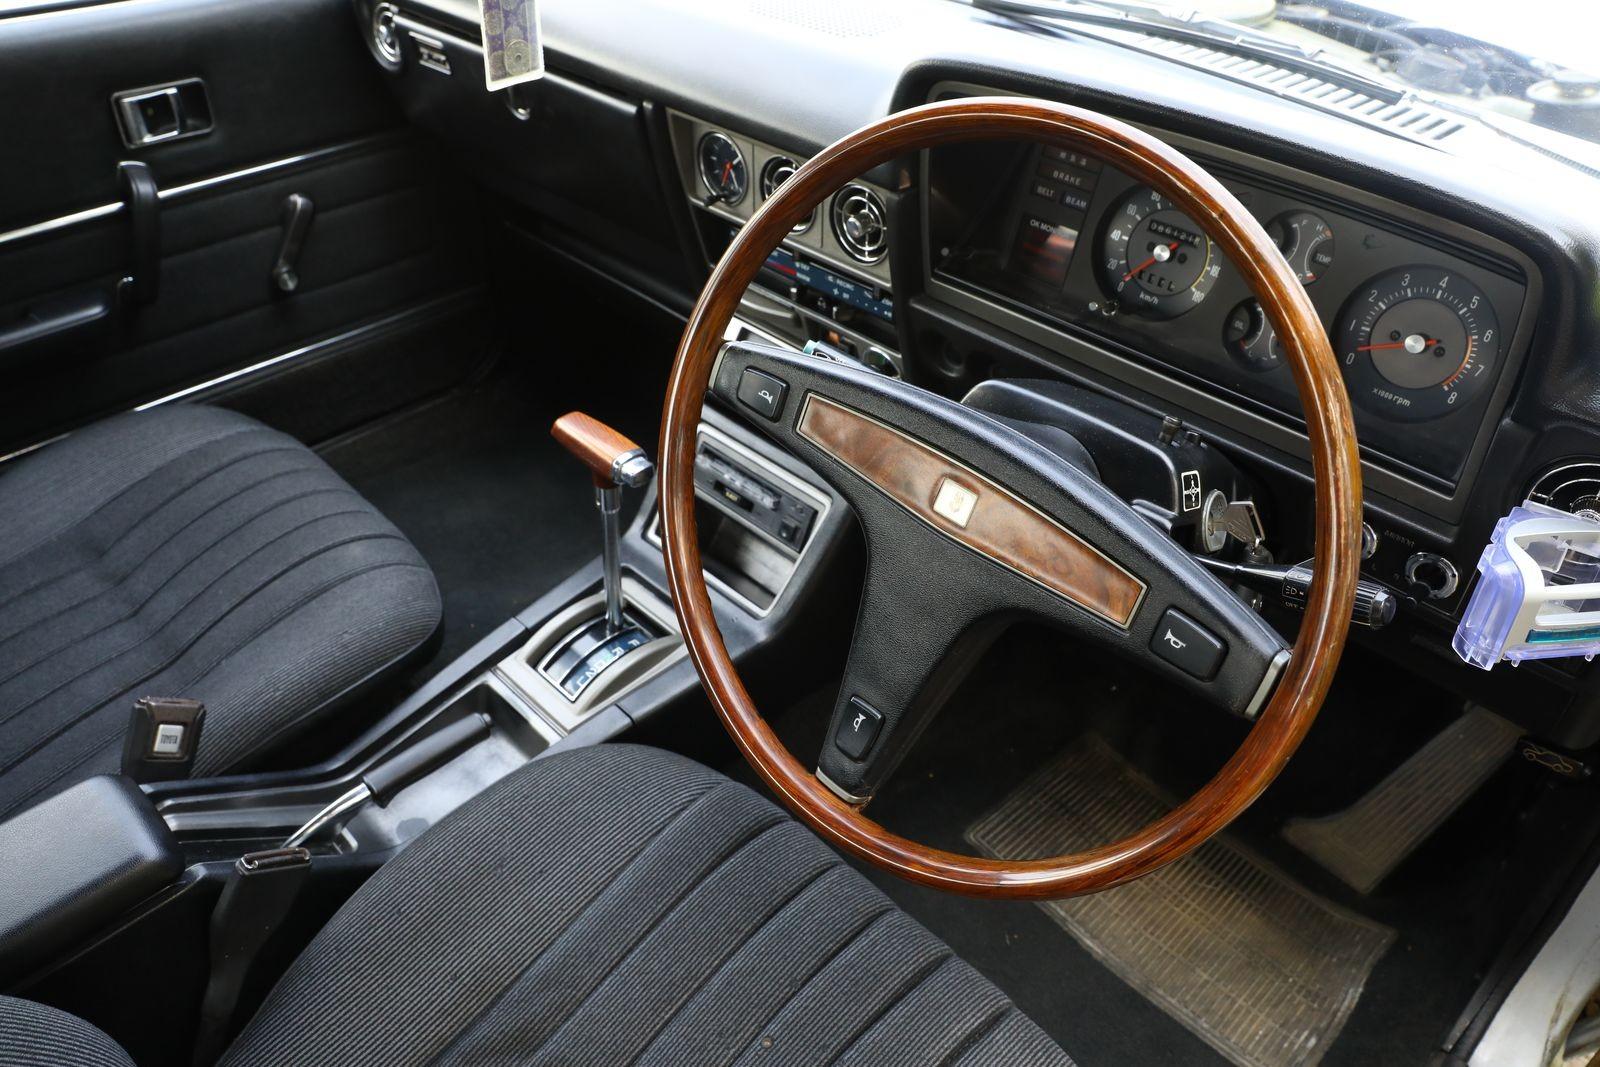 Круглое с квадратным: опыт владения Toyota Corona Mark II 1978 года